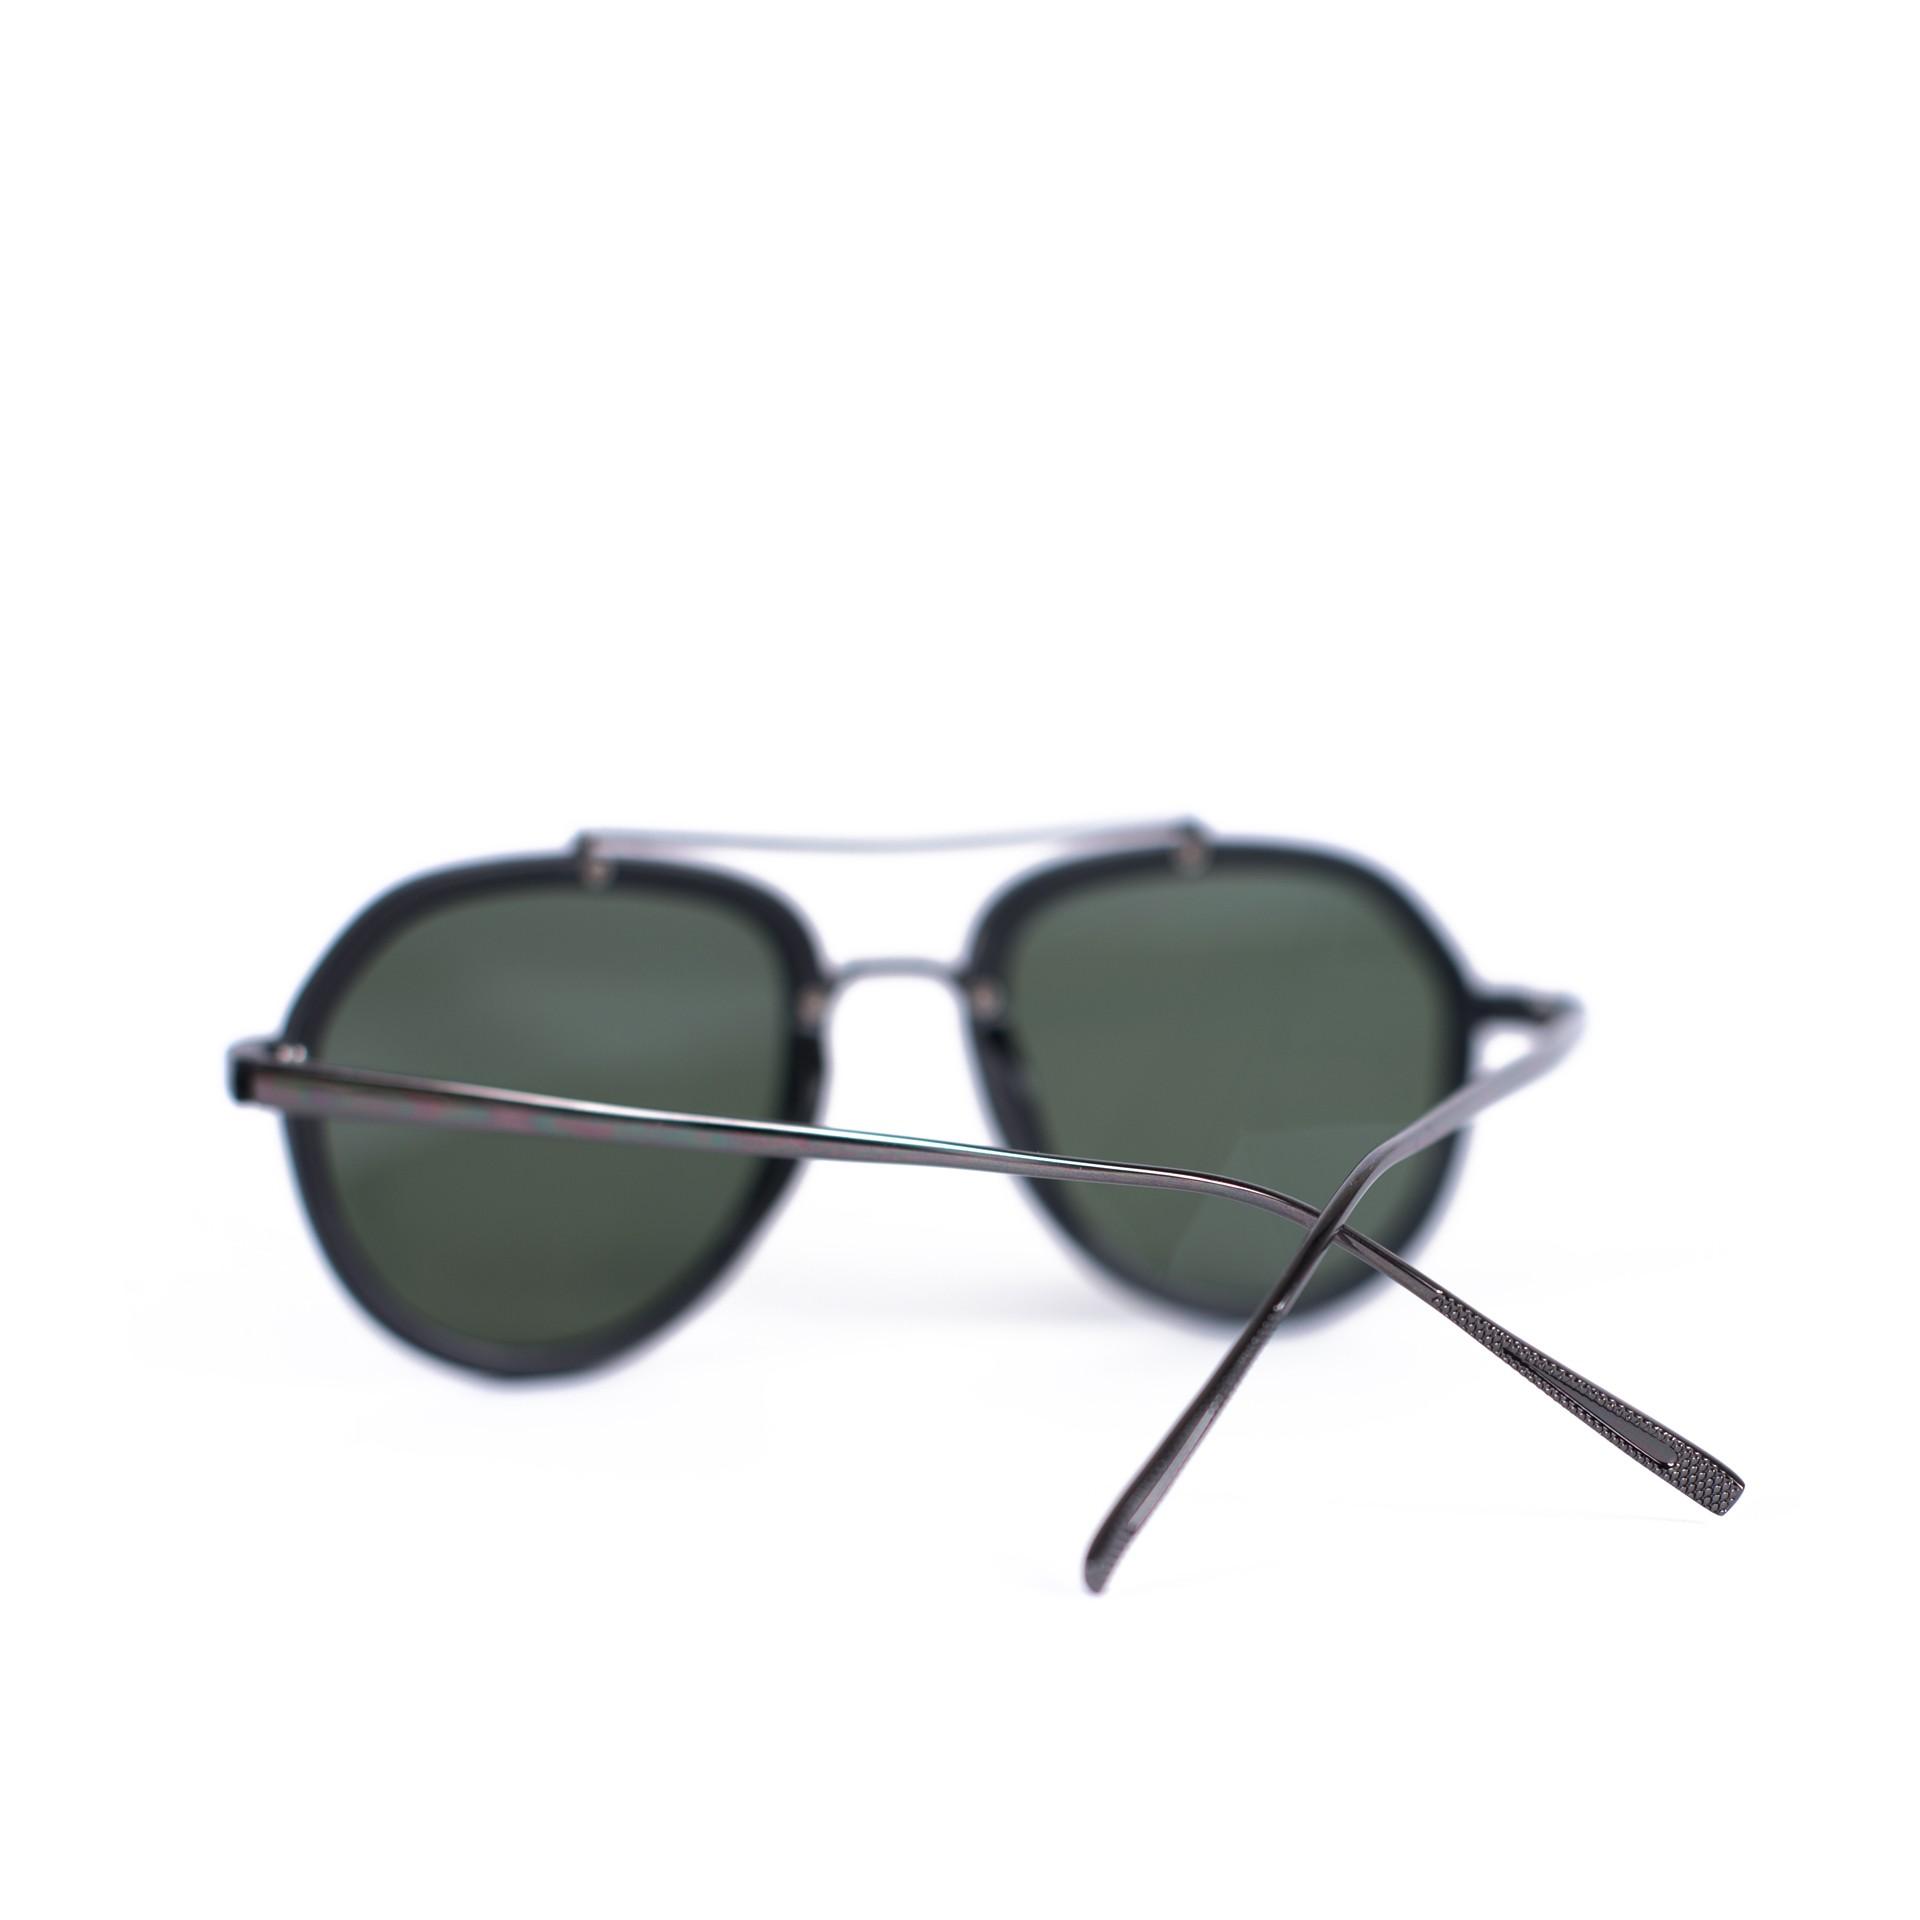 Okulary przeciwsłoneczne Like a pilot Szaleo.pl